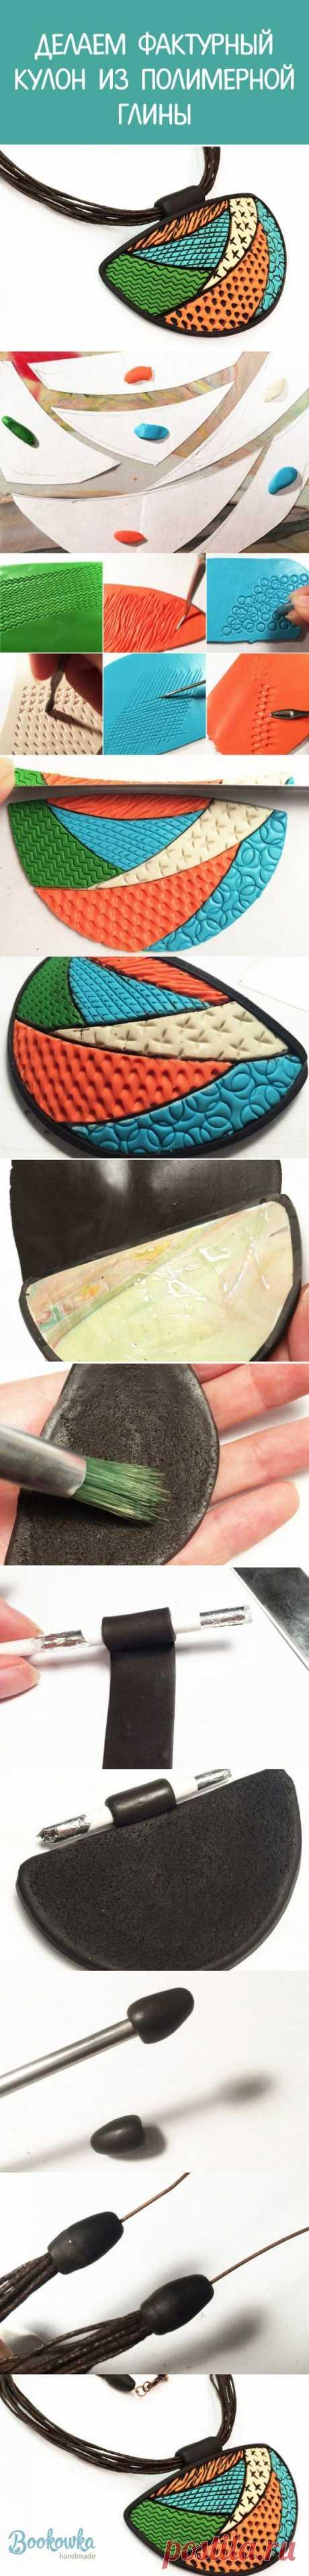 (11) Мастерим фактурный кулон из полимерной глины / Polymer clay Pendant Tutorial | Polymer Clay Tutes